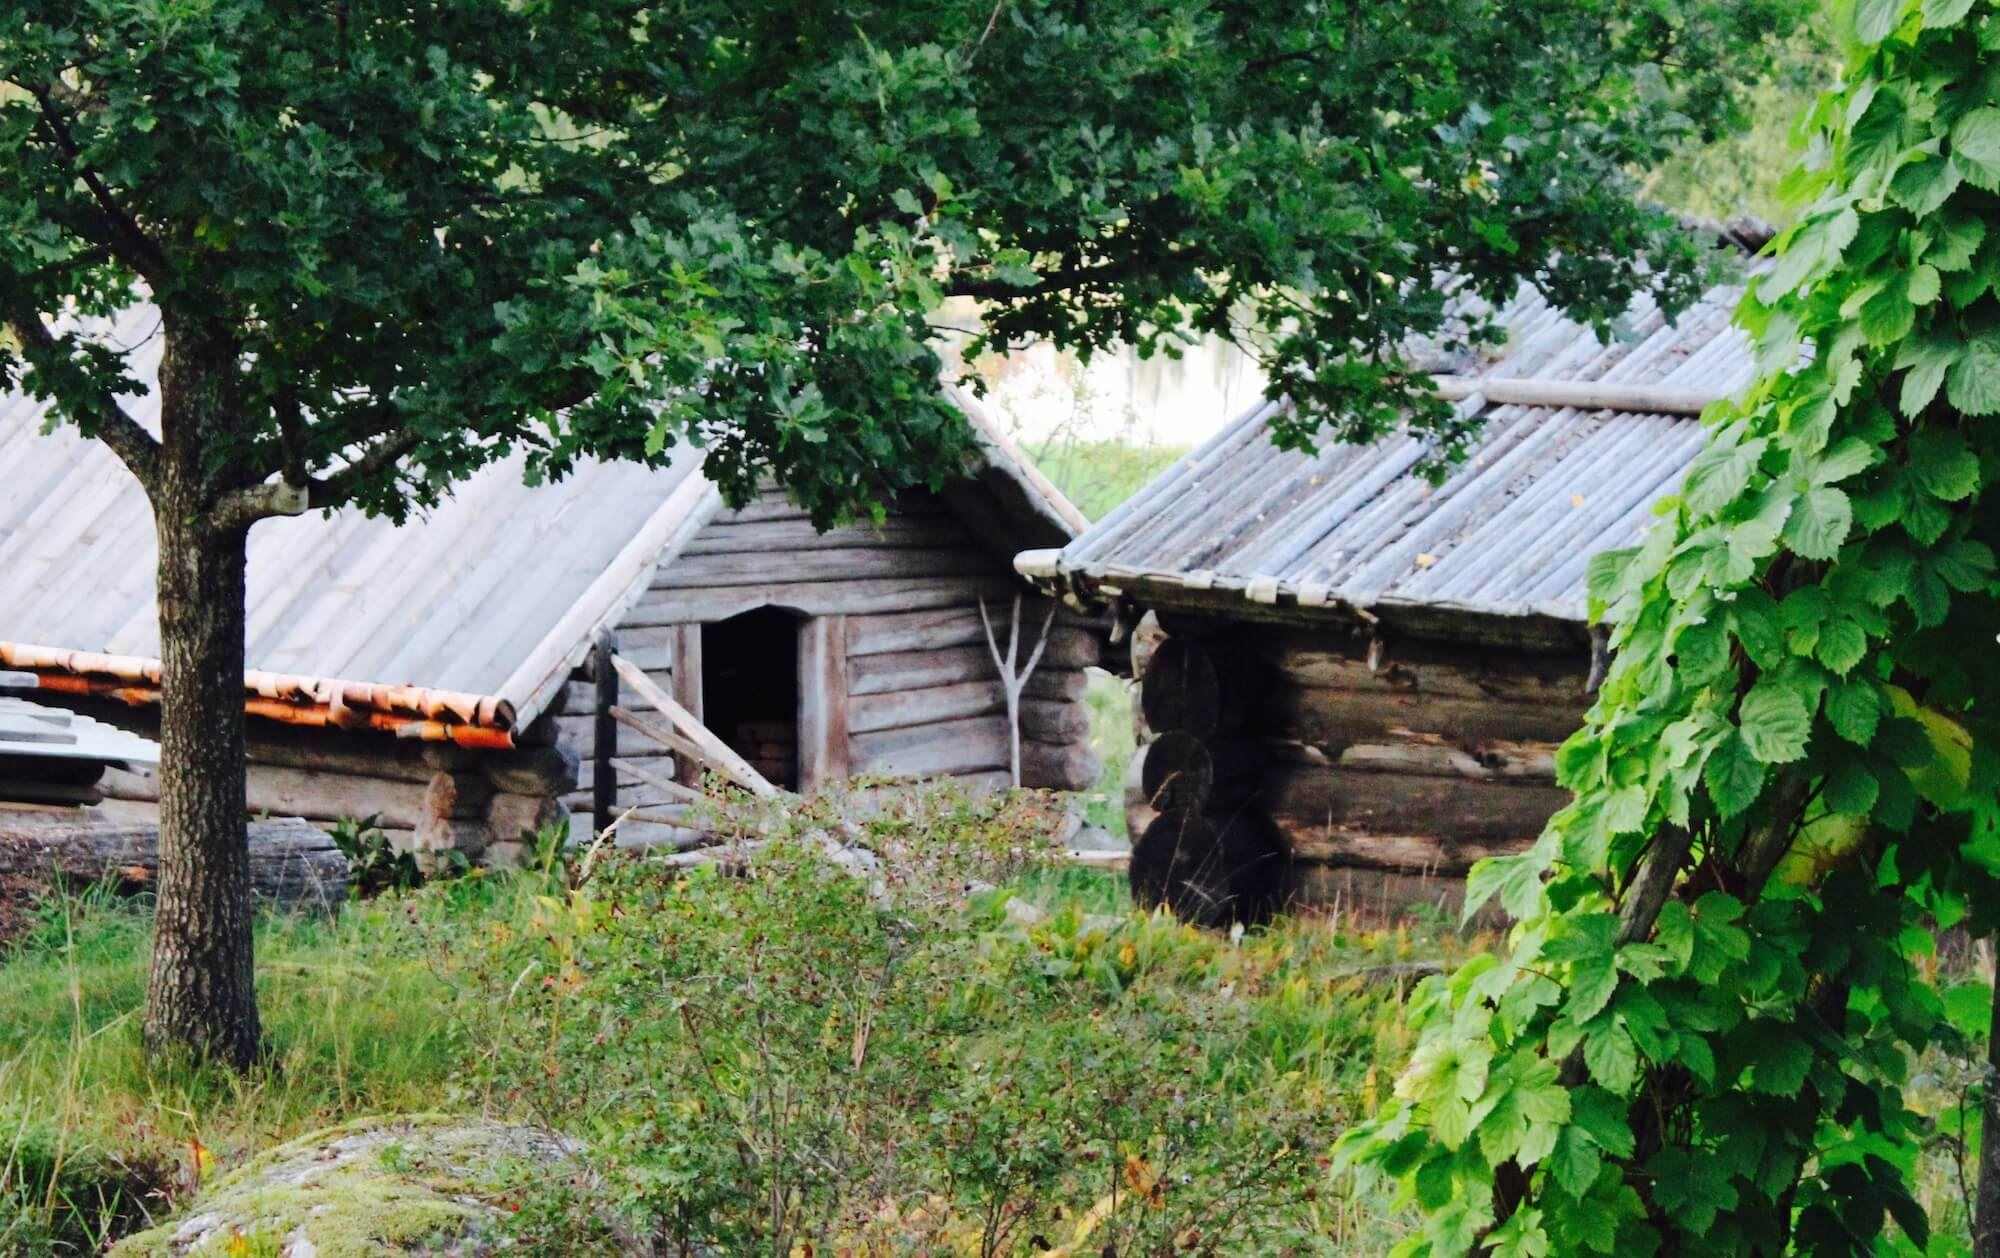 Medieval times at Oklagård